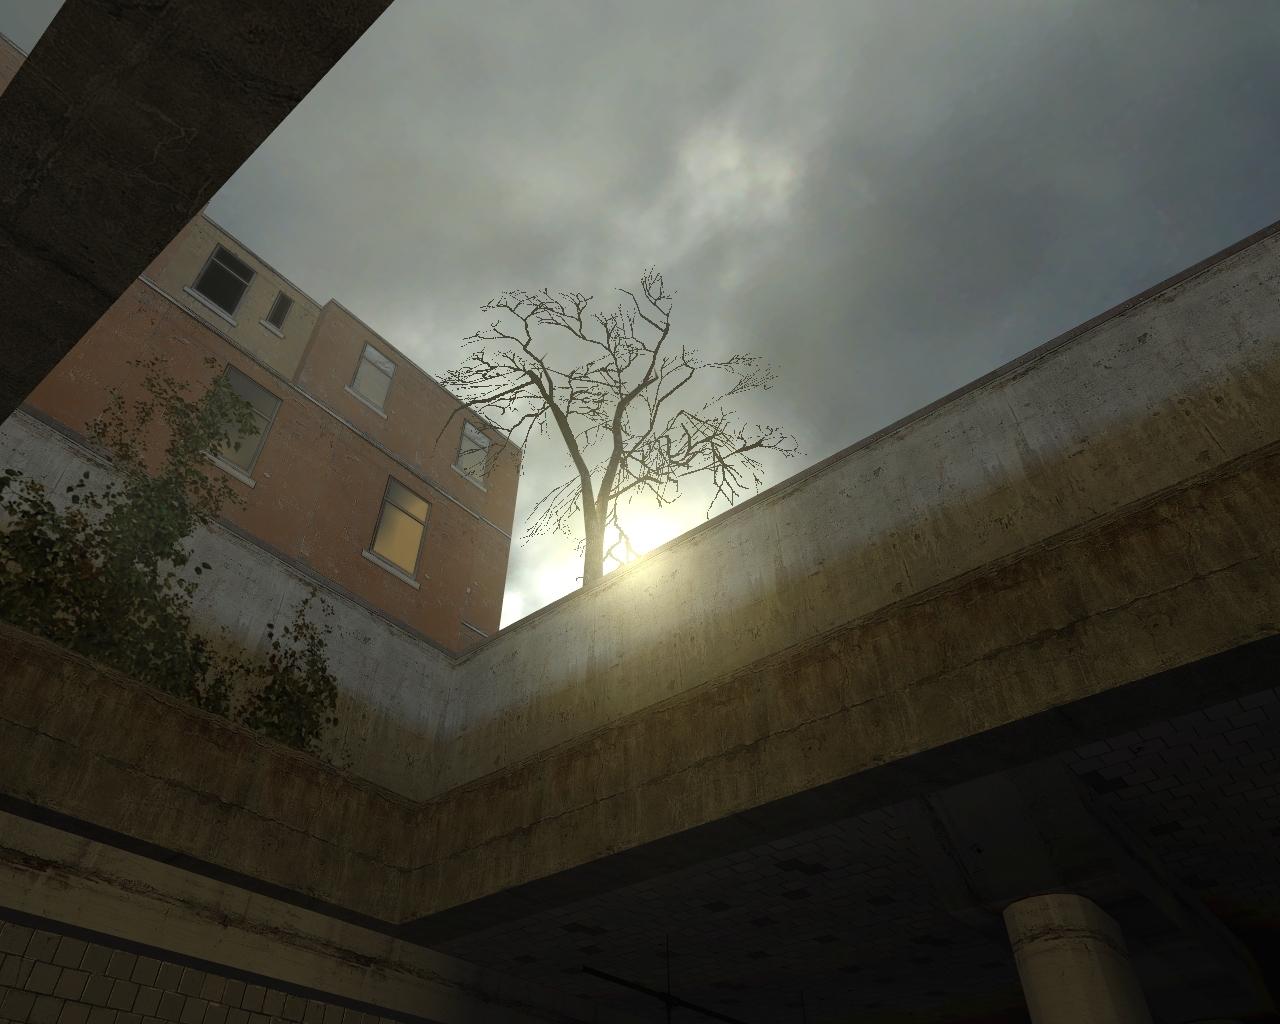 d3_c17_06a0011.jpg - Half-Life 2